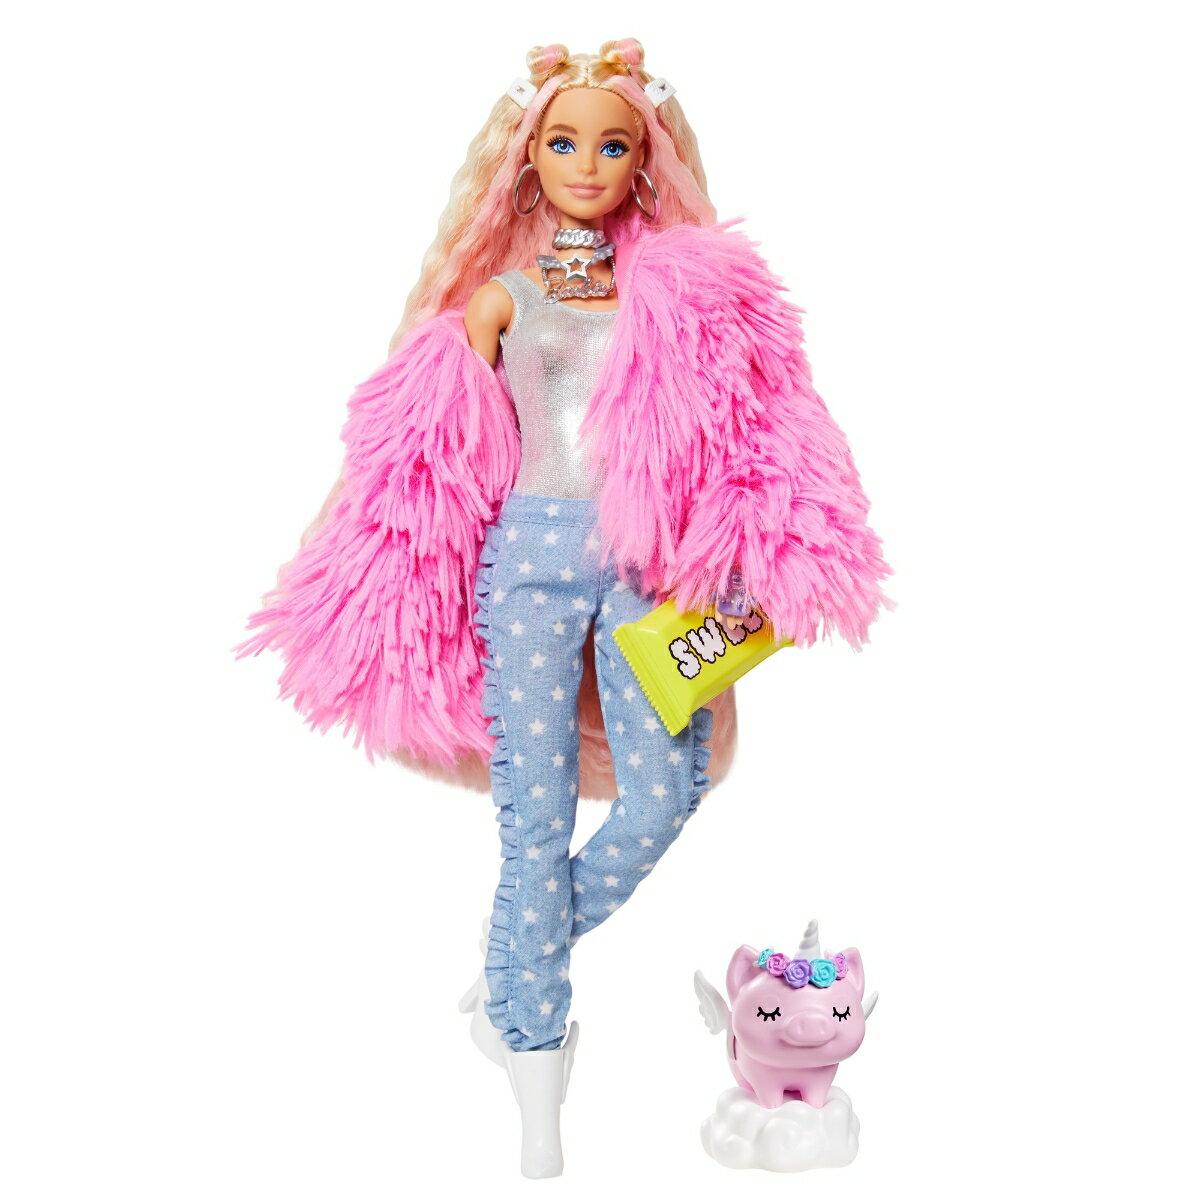 バービー(Barbie) ファッションアップ GRN28